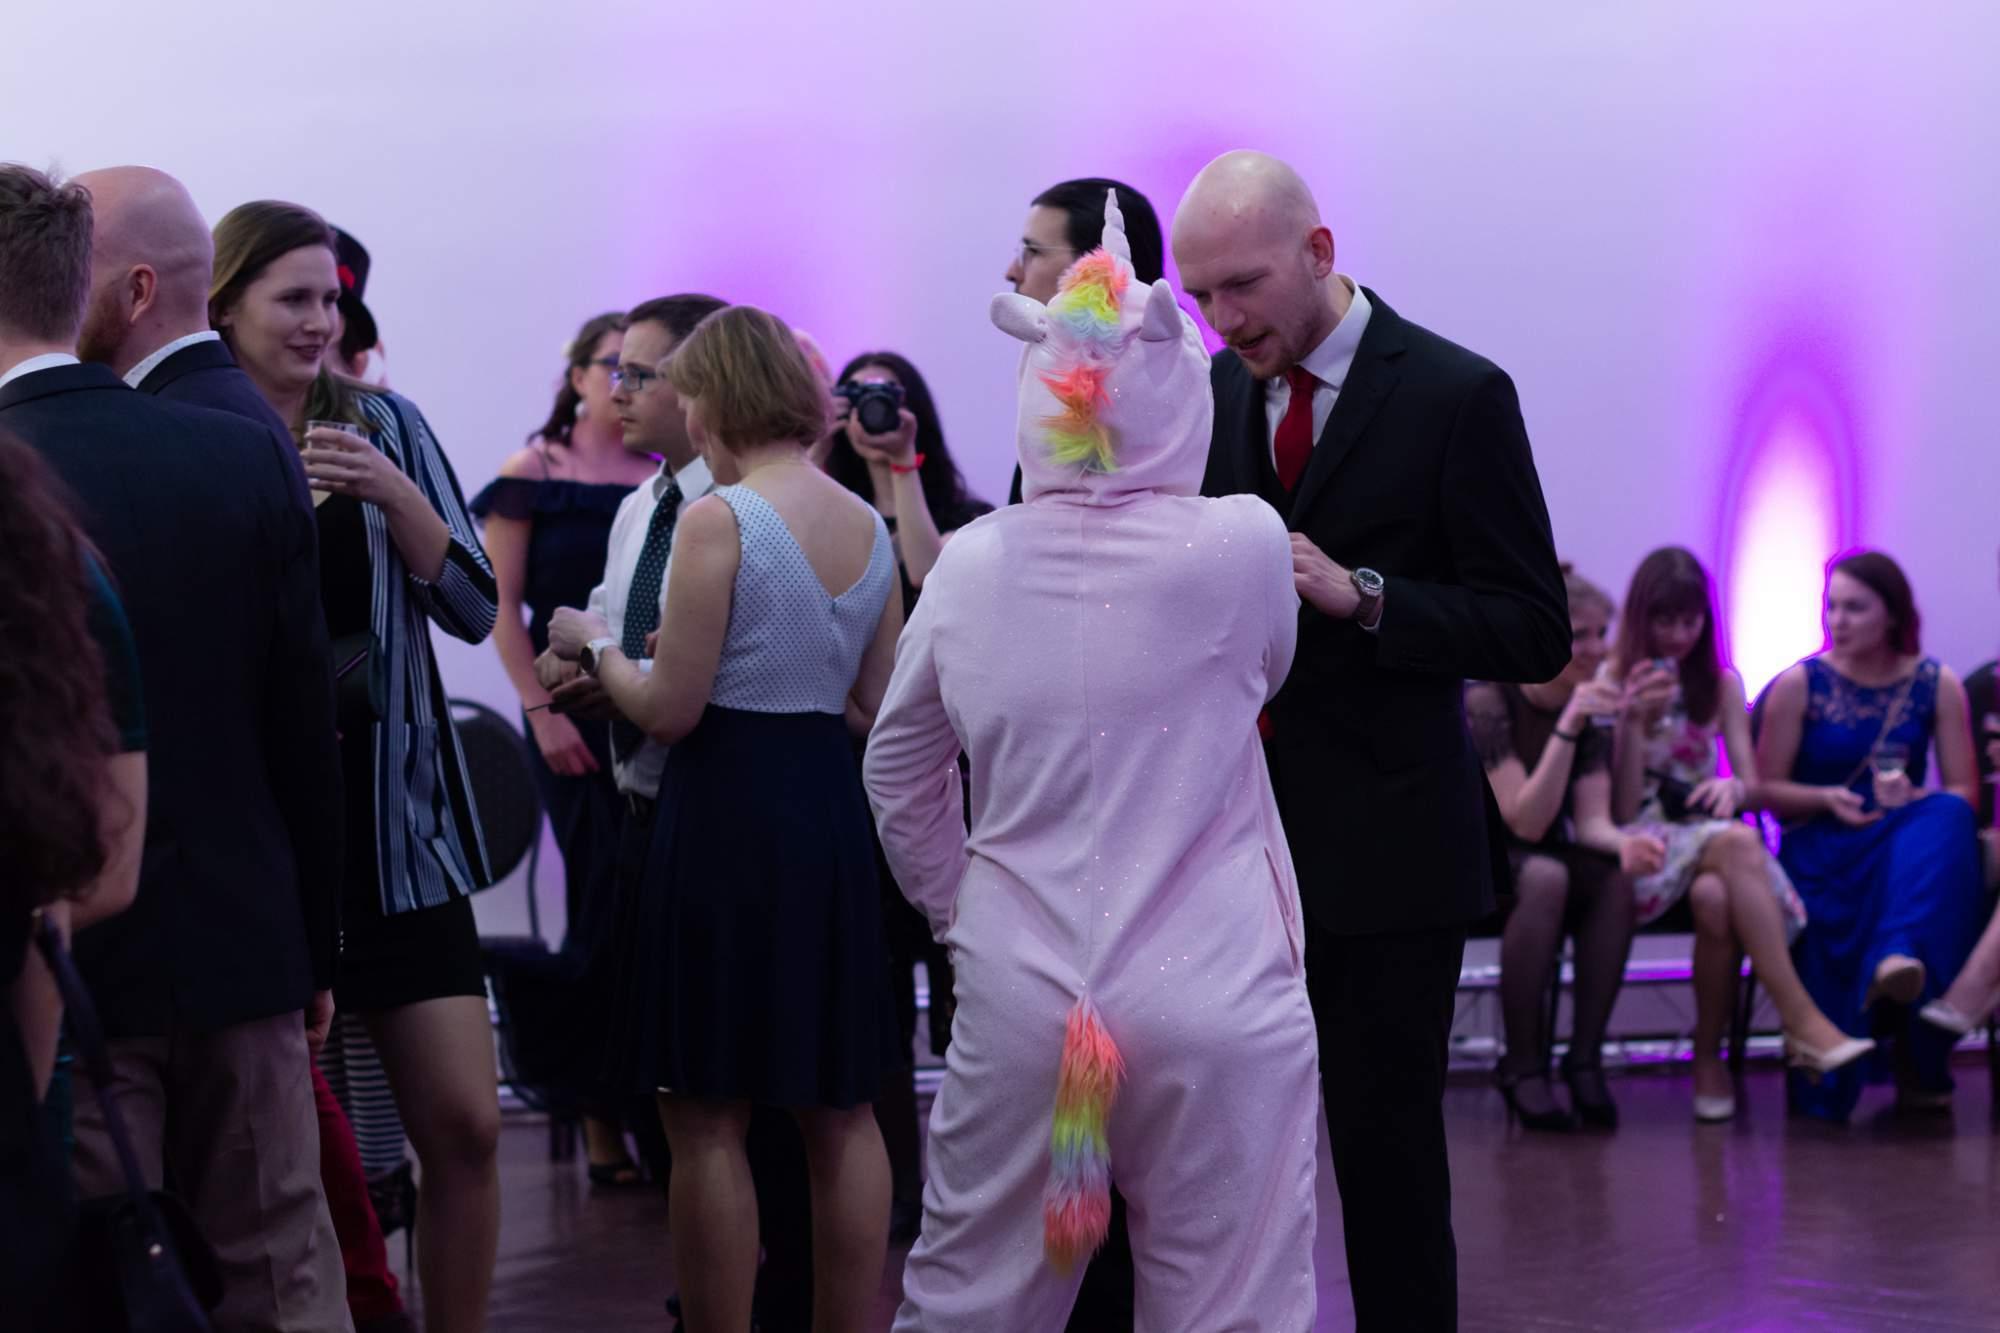 Na plese byla i slečna v kostýmu jednorožce. Autor: Anna Viktorinová